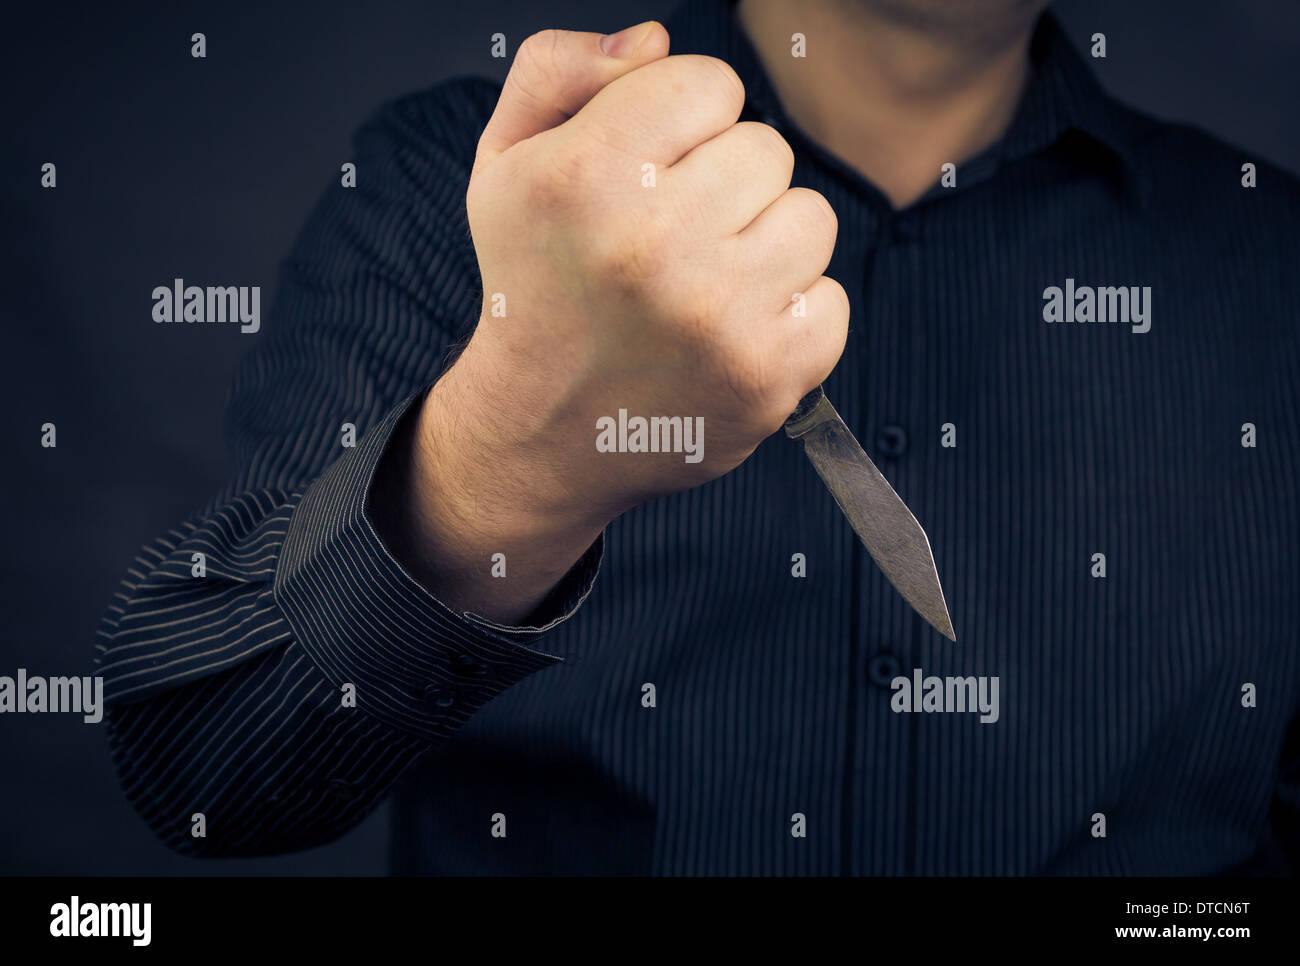 Cum loving throat gaggers